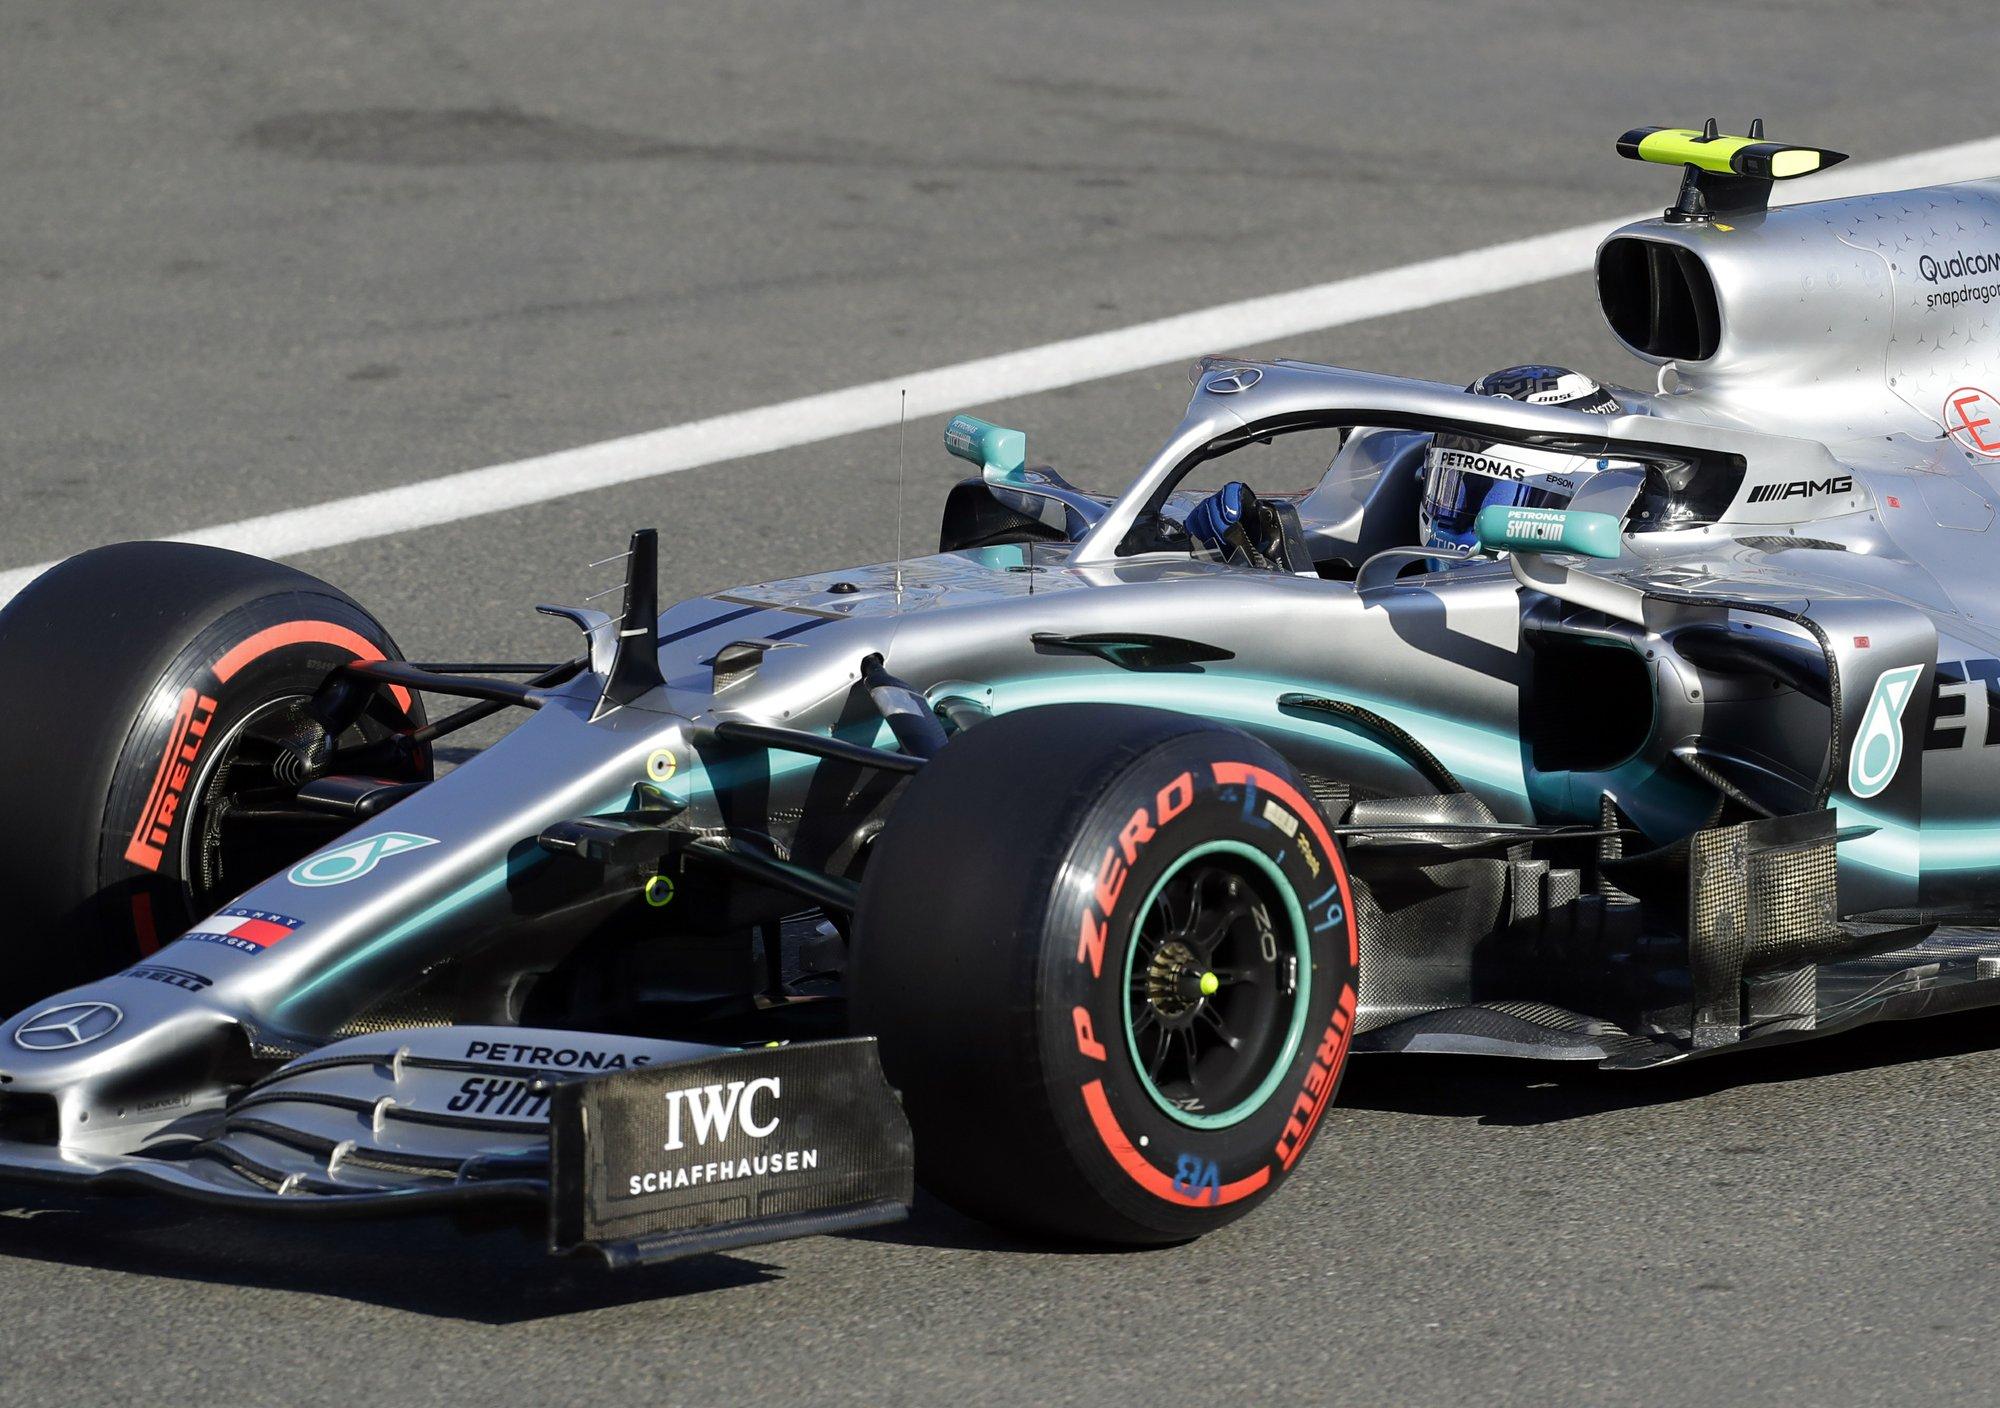 Bottas takes pole in Azerbaijan after Leclerc crashes